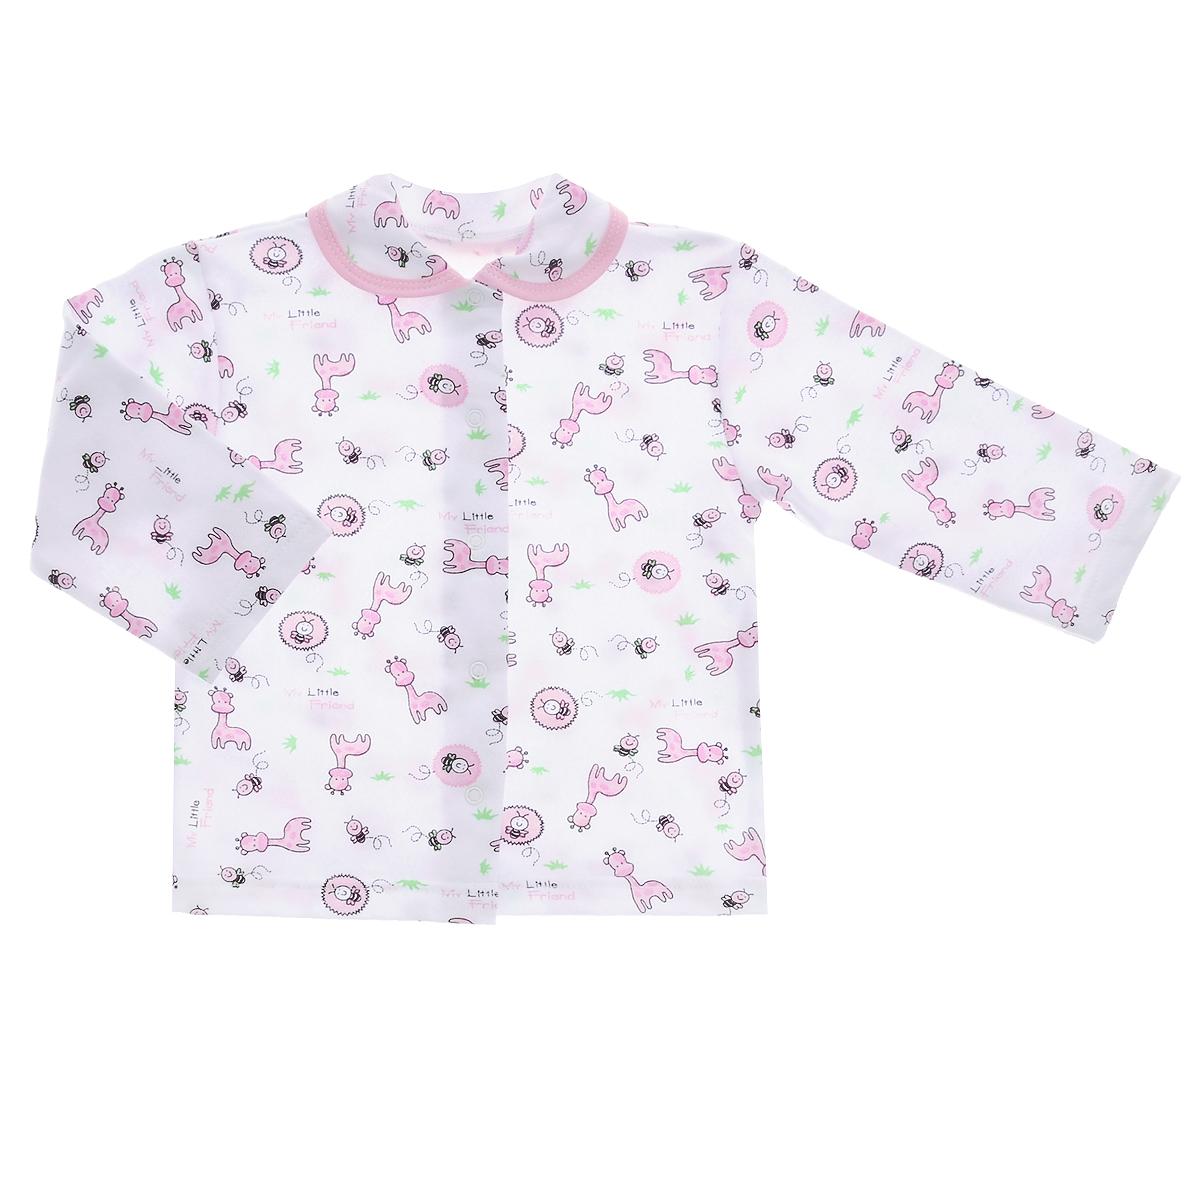 Кофточка детская Трон-плюс, цвет: белый, розовый, рисунок жирафа. 5175. Размер 56, 1 месяц5175Кофточка для новорожденного Трон-плюс с длинными рукавами послужит идеальным дополнением к гардеробу вашего малыша, обеспечивая ему наибольший комфорт. Изготовленная из футерованного полотна - натурального хлопка, она необычайно мягкая и легкая, не раздражает нежную кожу ребенка и хорошо вентилируется, а эластичные швы приятны телу малыша и не препятствуют его движениям. Удобные застежки-кнопки по всей длине помогают легко переодеть младенца. Модель дополнена отложным воротником.Кофточка полностью соответствует особенностям жизни ребенка в ранний период, не стесняя и не ограничивая его в движениях.